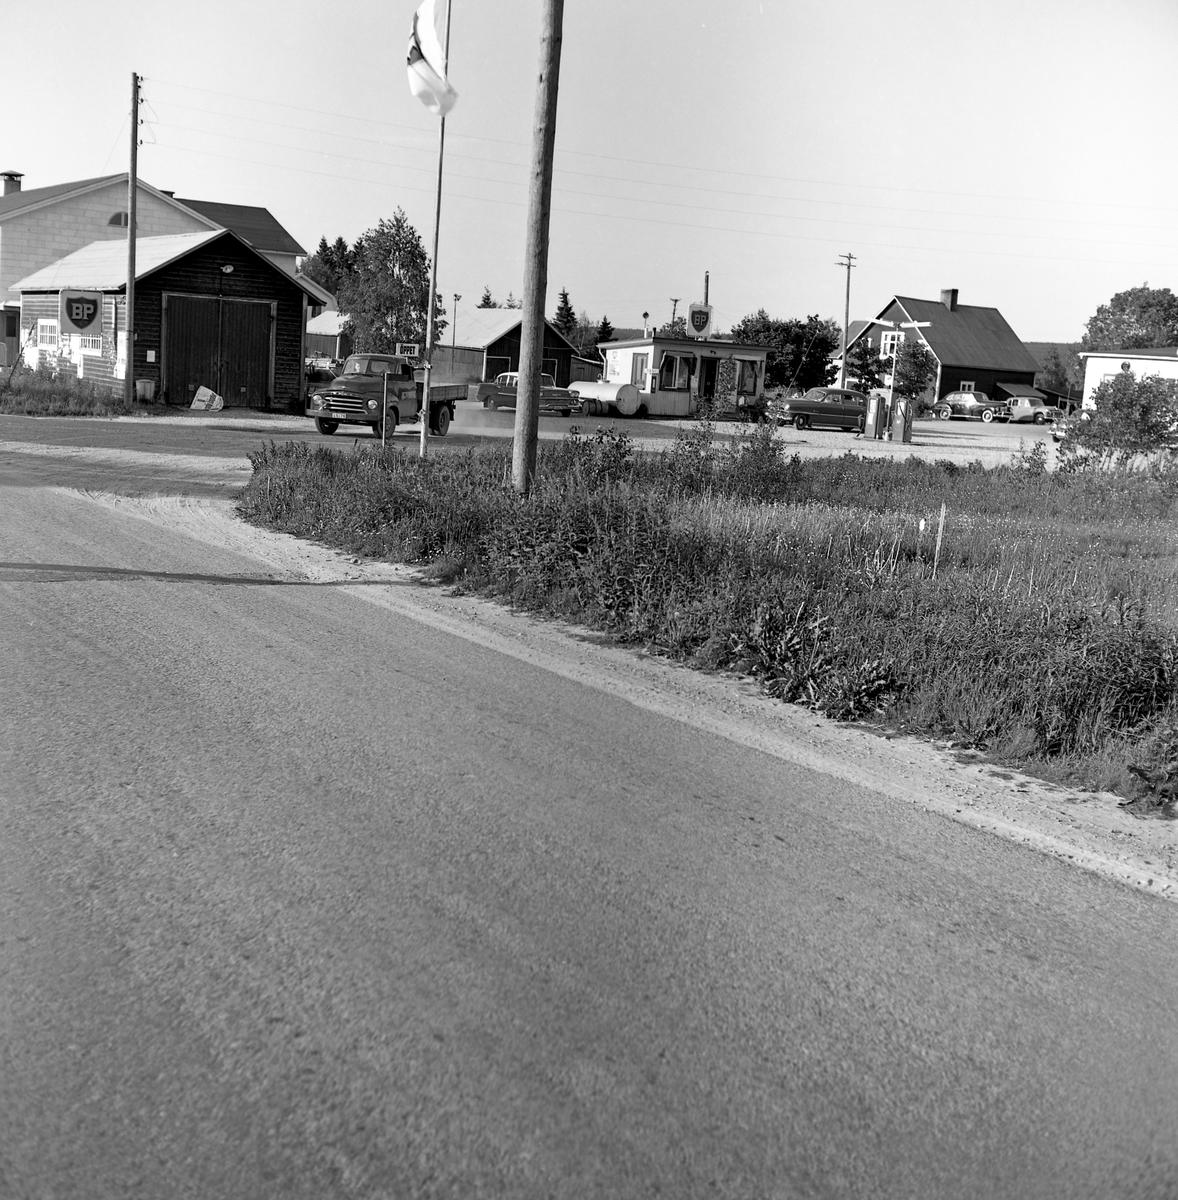 Någonstans i Värmland - från slutet av 1950-talet: Ekshärad. Lämna gärna en kommentar om du vet något om bilden.